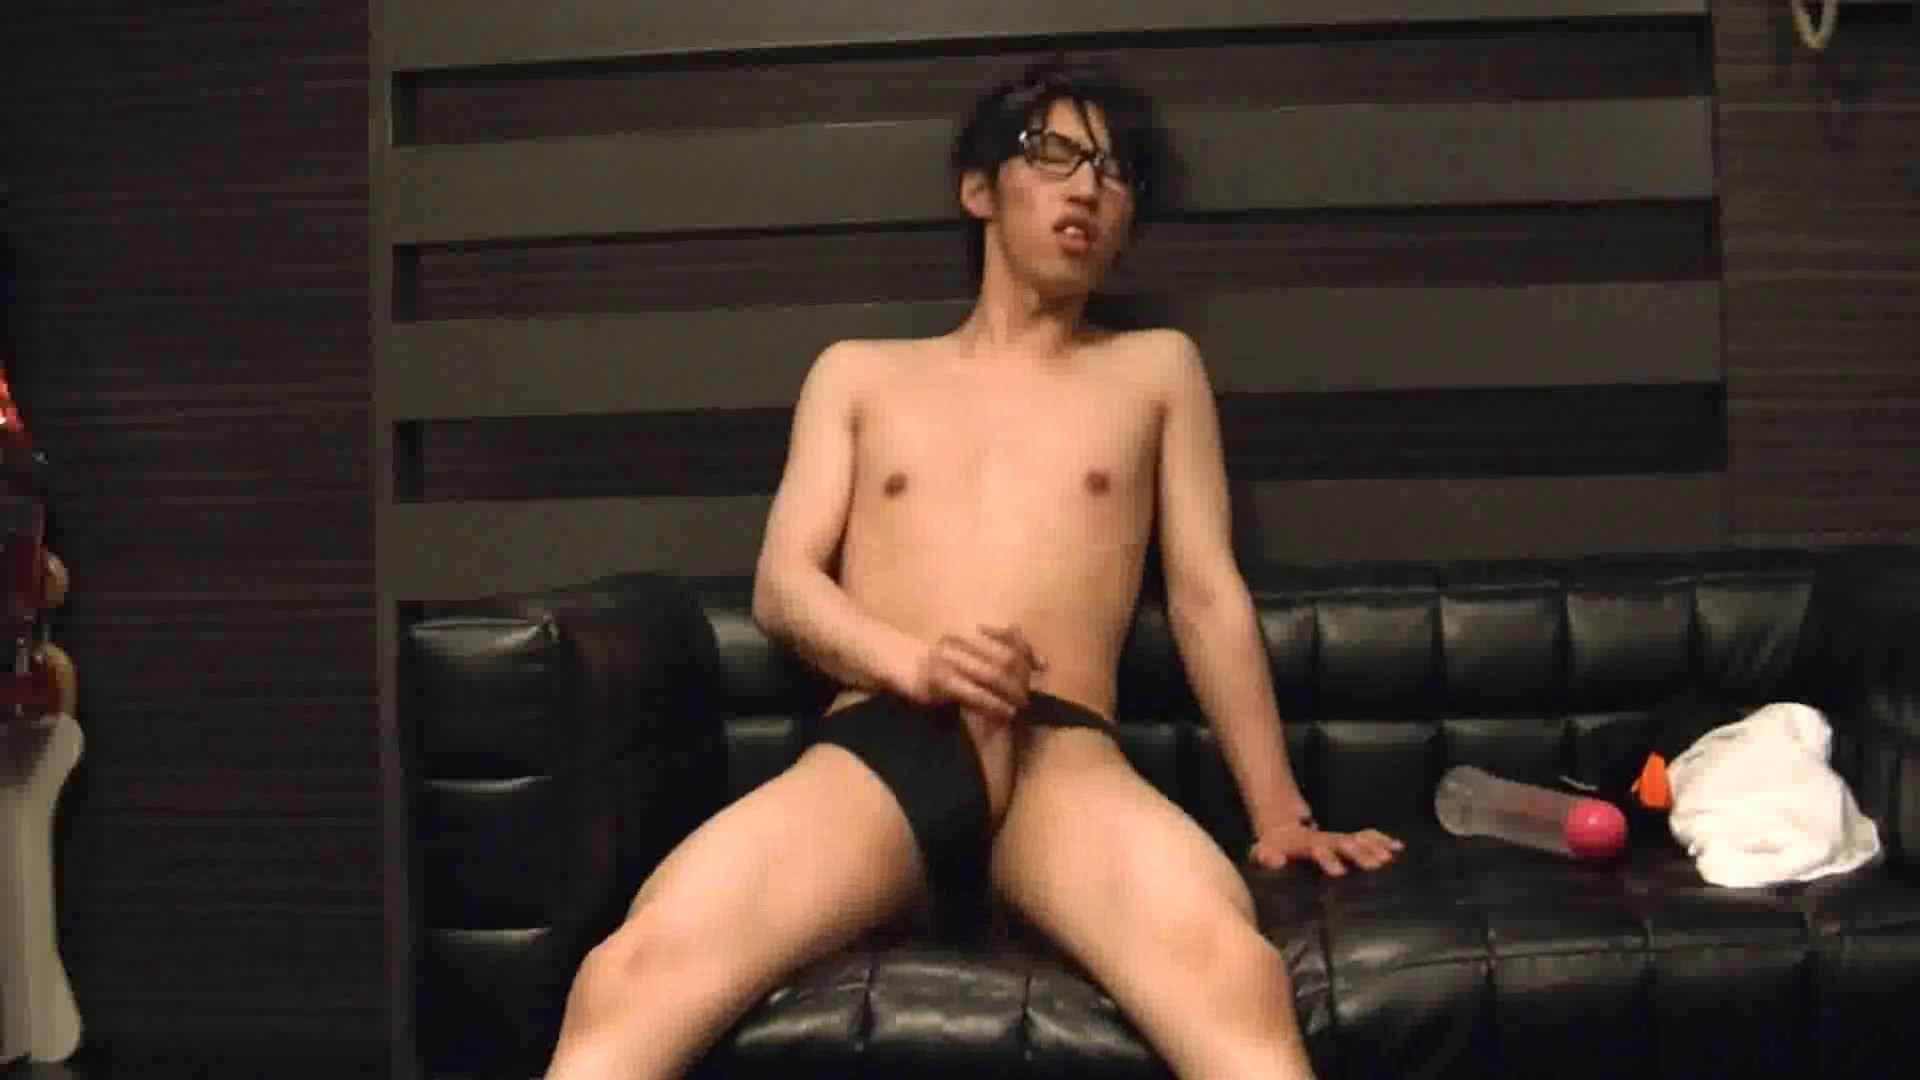 ONA見せカーニバル!! Vol3 ゲイのオナニー映像 | 男祭り  103枚 81